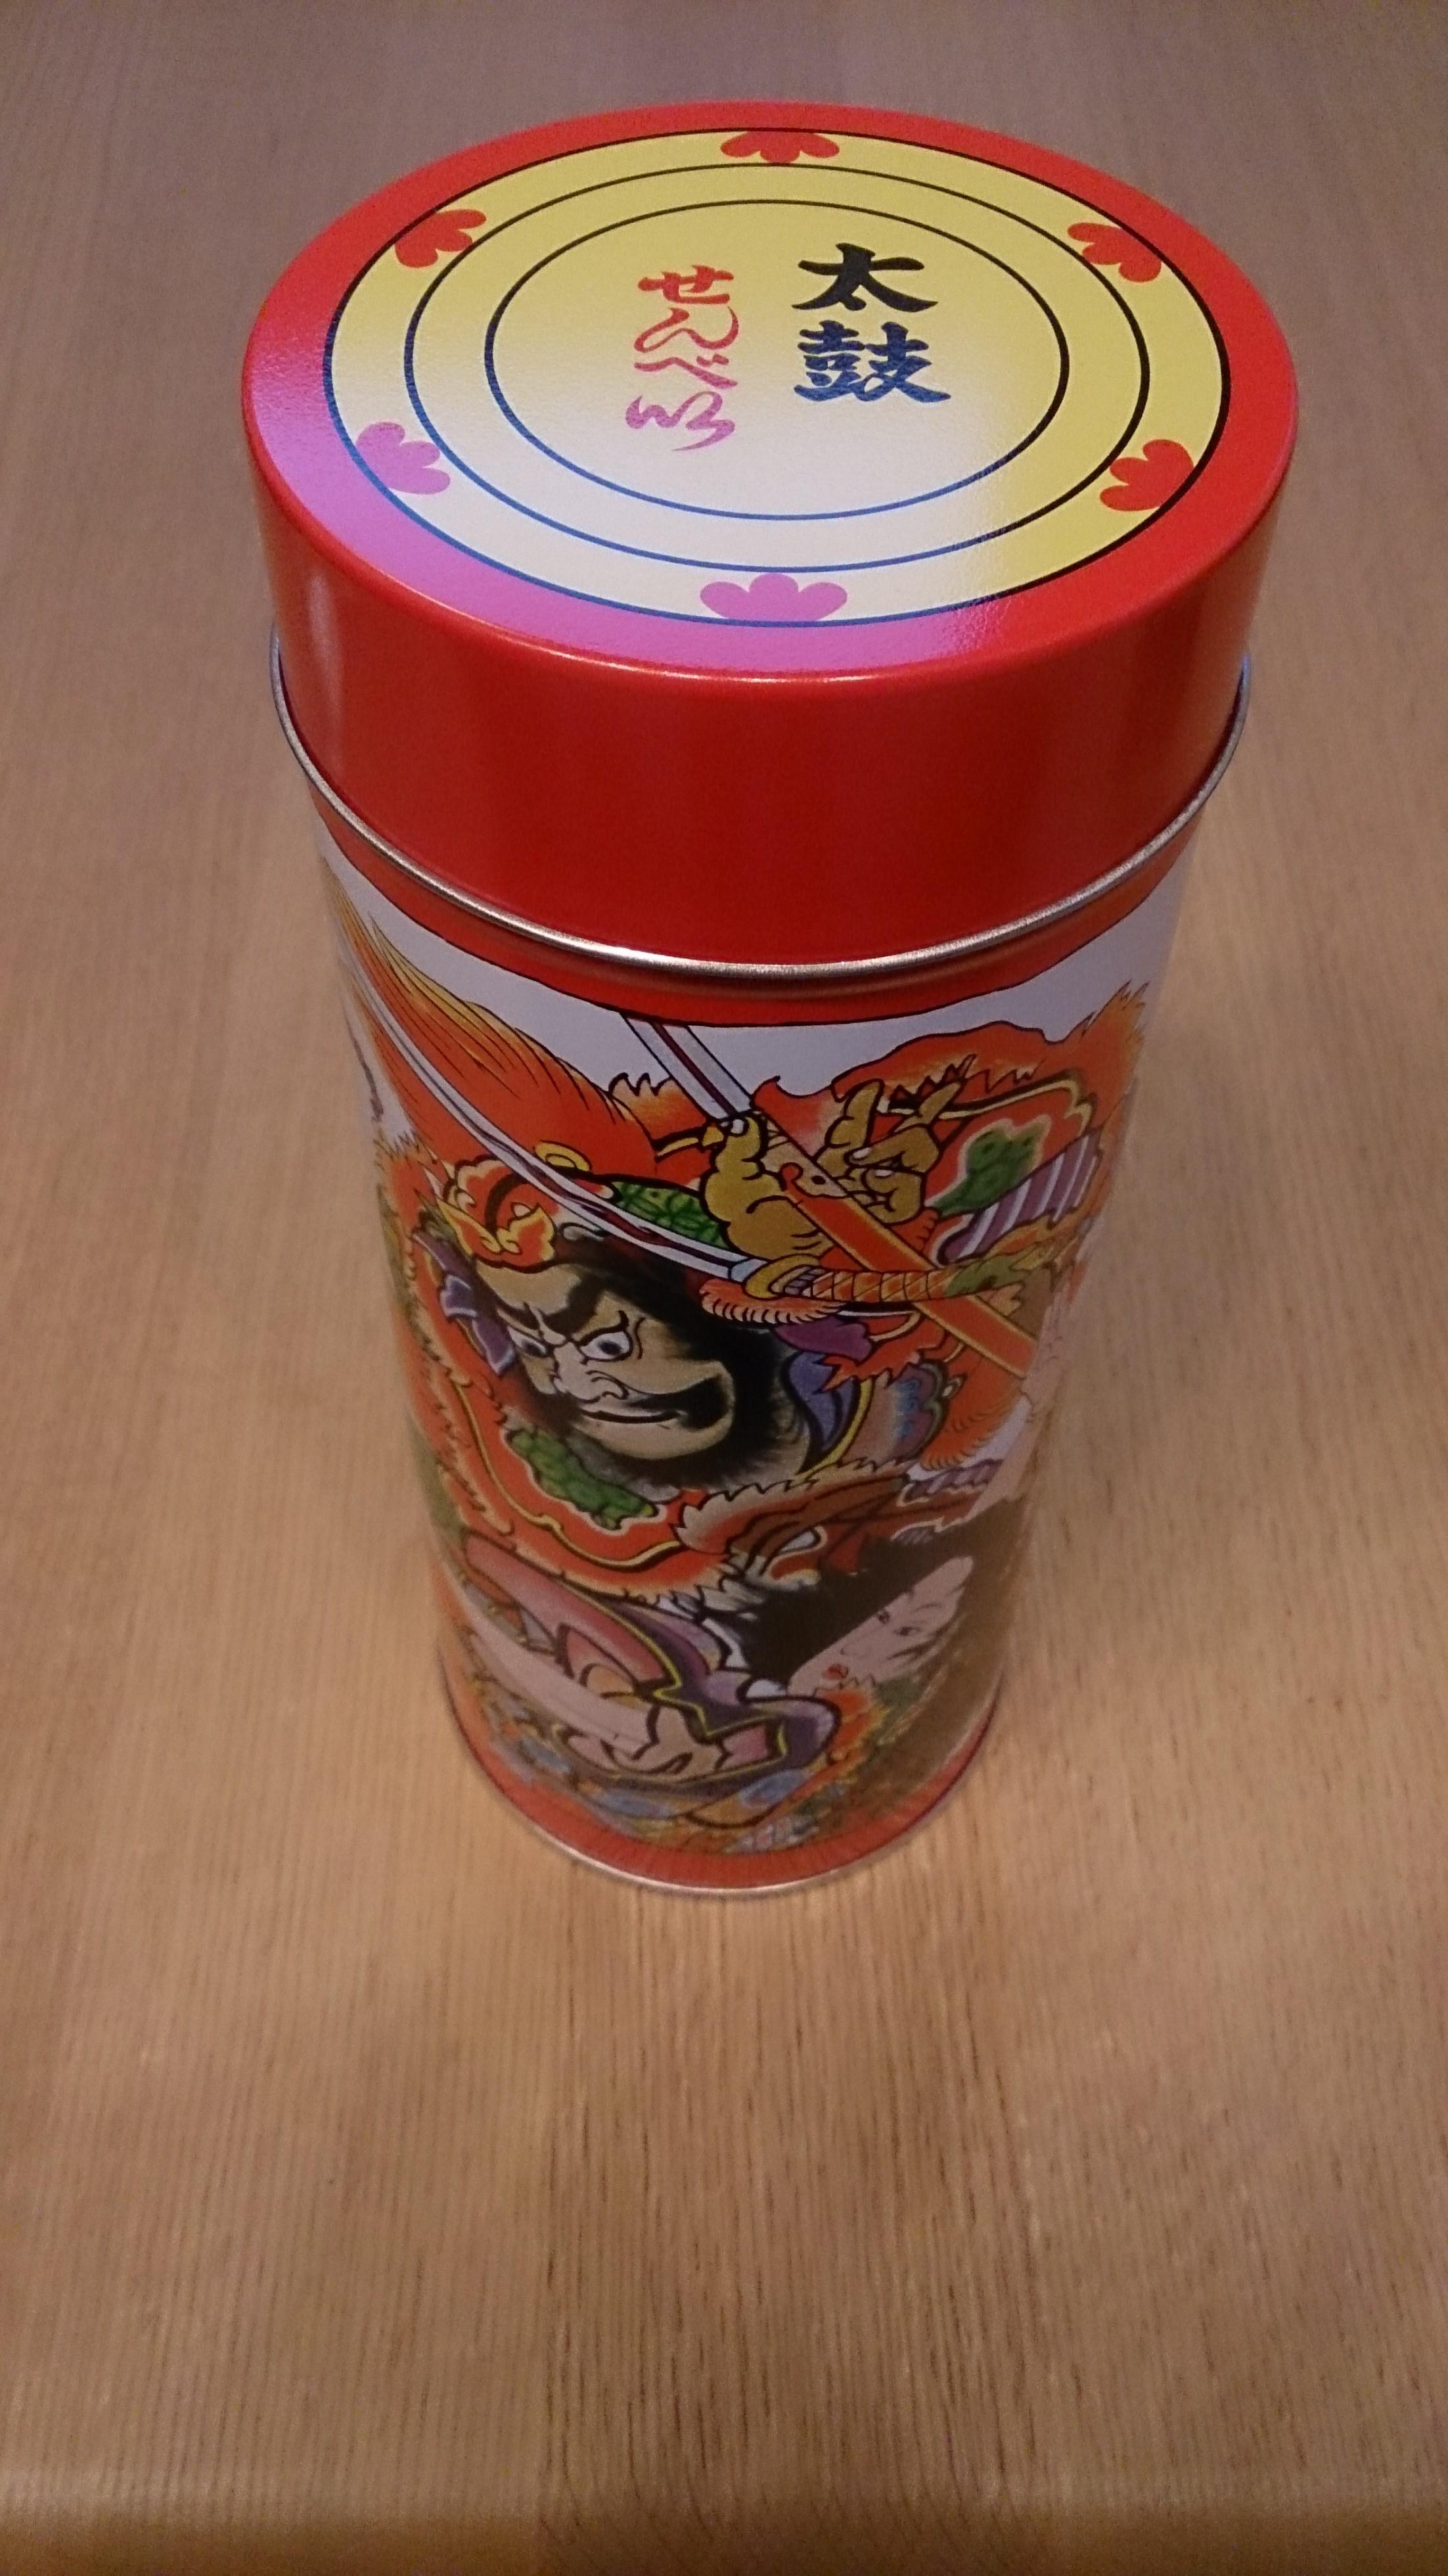 津軽せんべい(津軽缶)